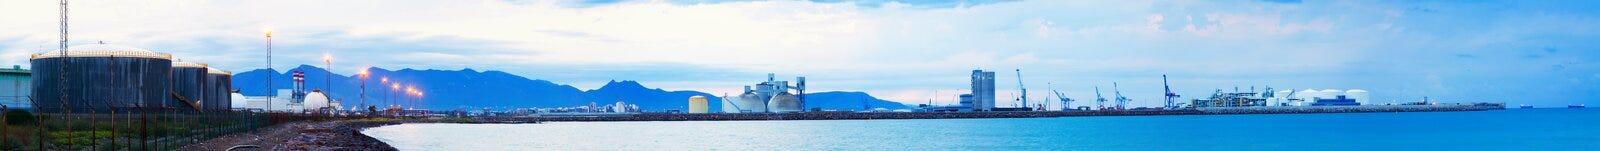 Industriegebiet auf der Mittelmeerküste Stockfotografie